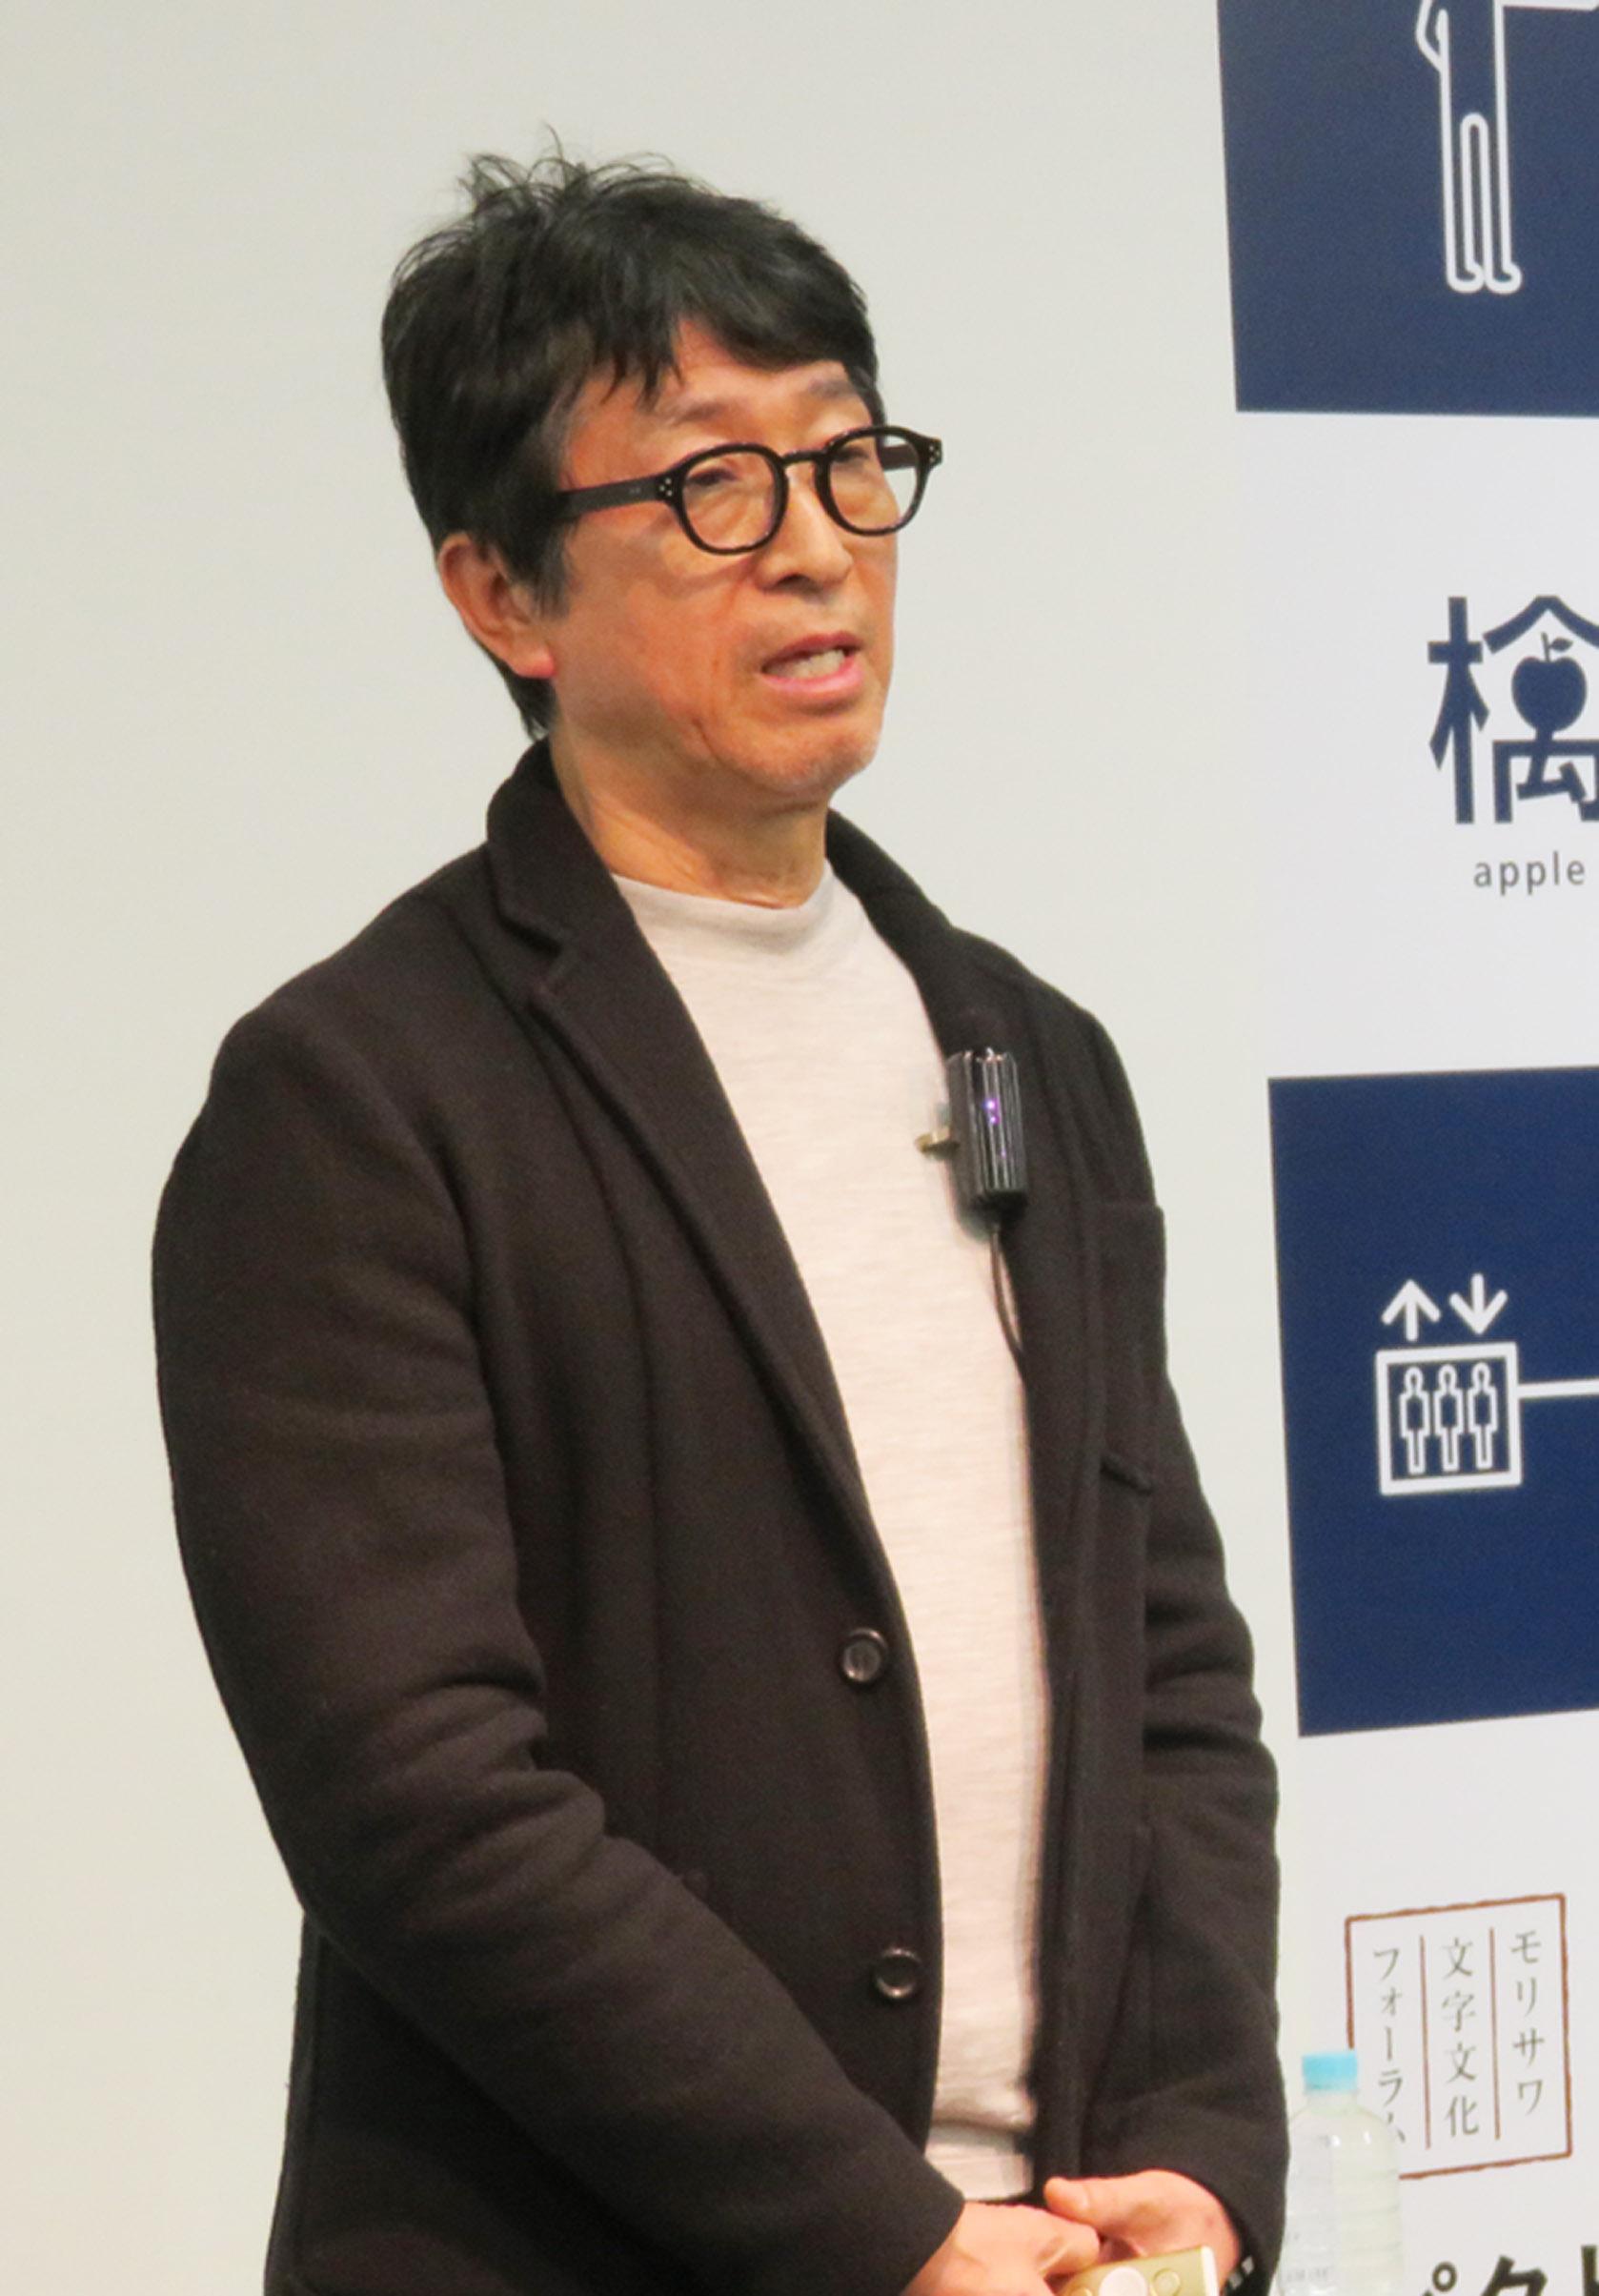 ピクトグラムを語る廣村氏